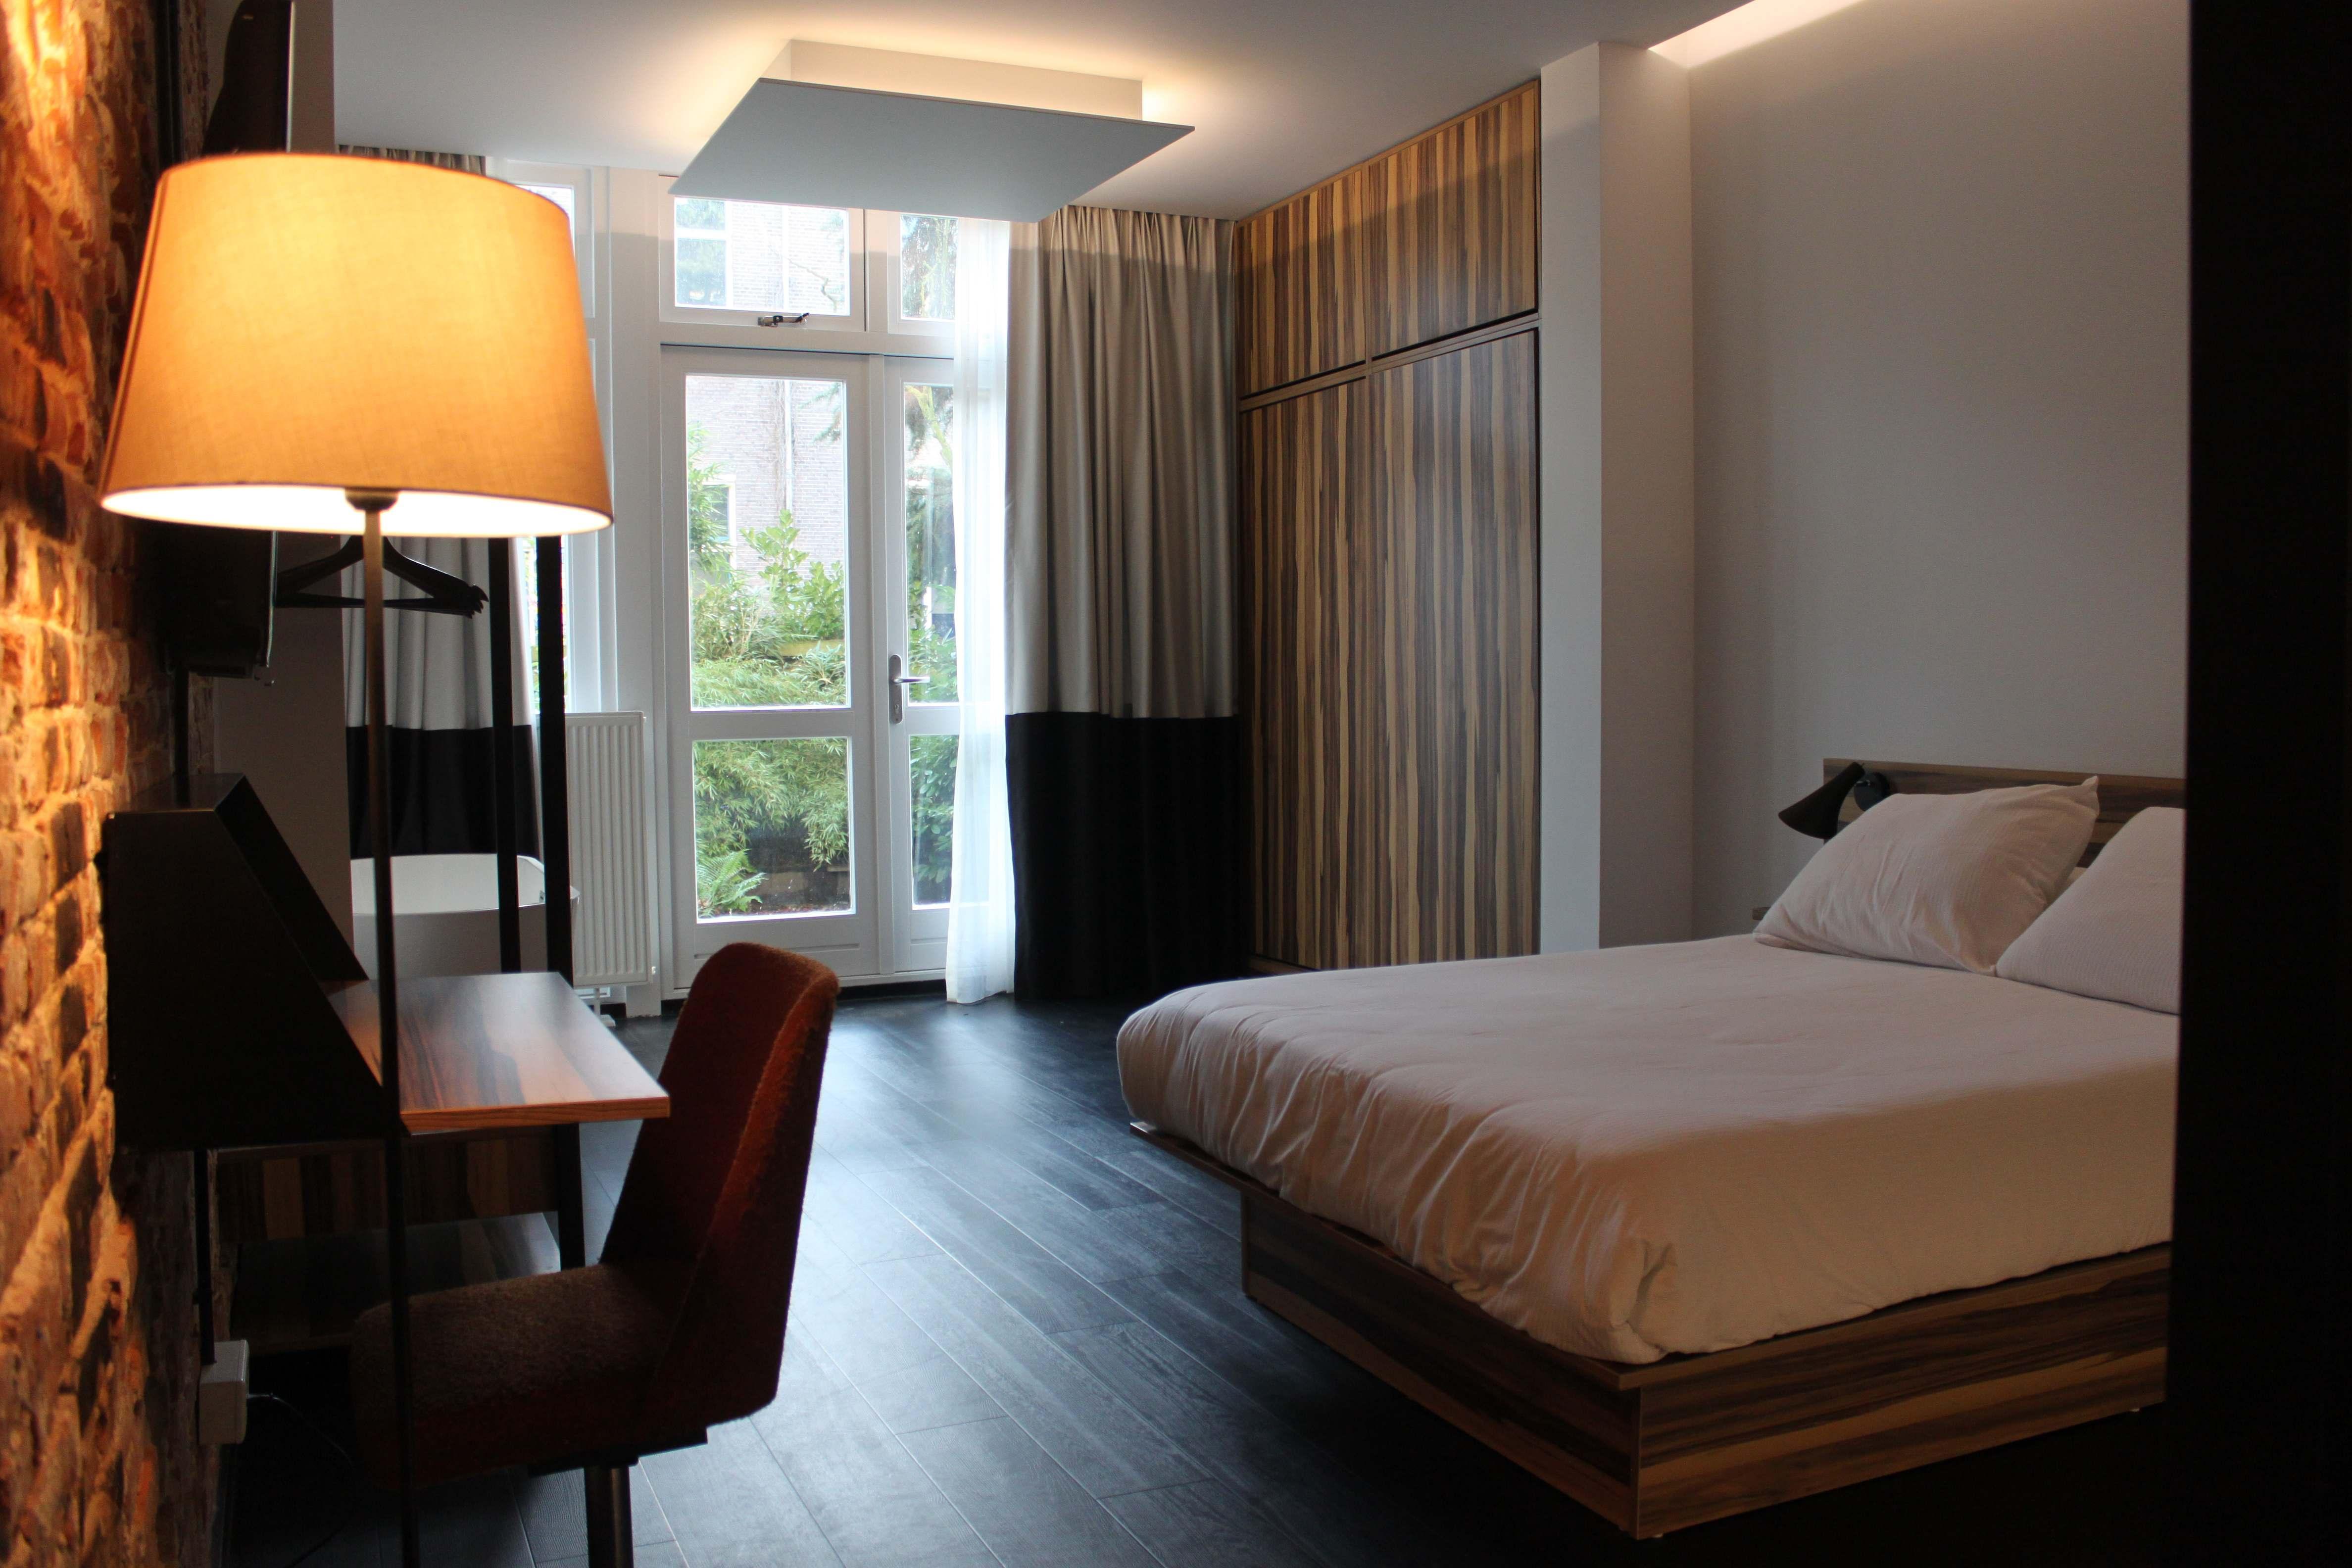 Ad amsterdam l 39 hotel per clienti molto particolari for Stanze ad amsterdam